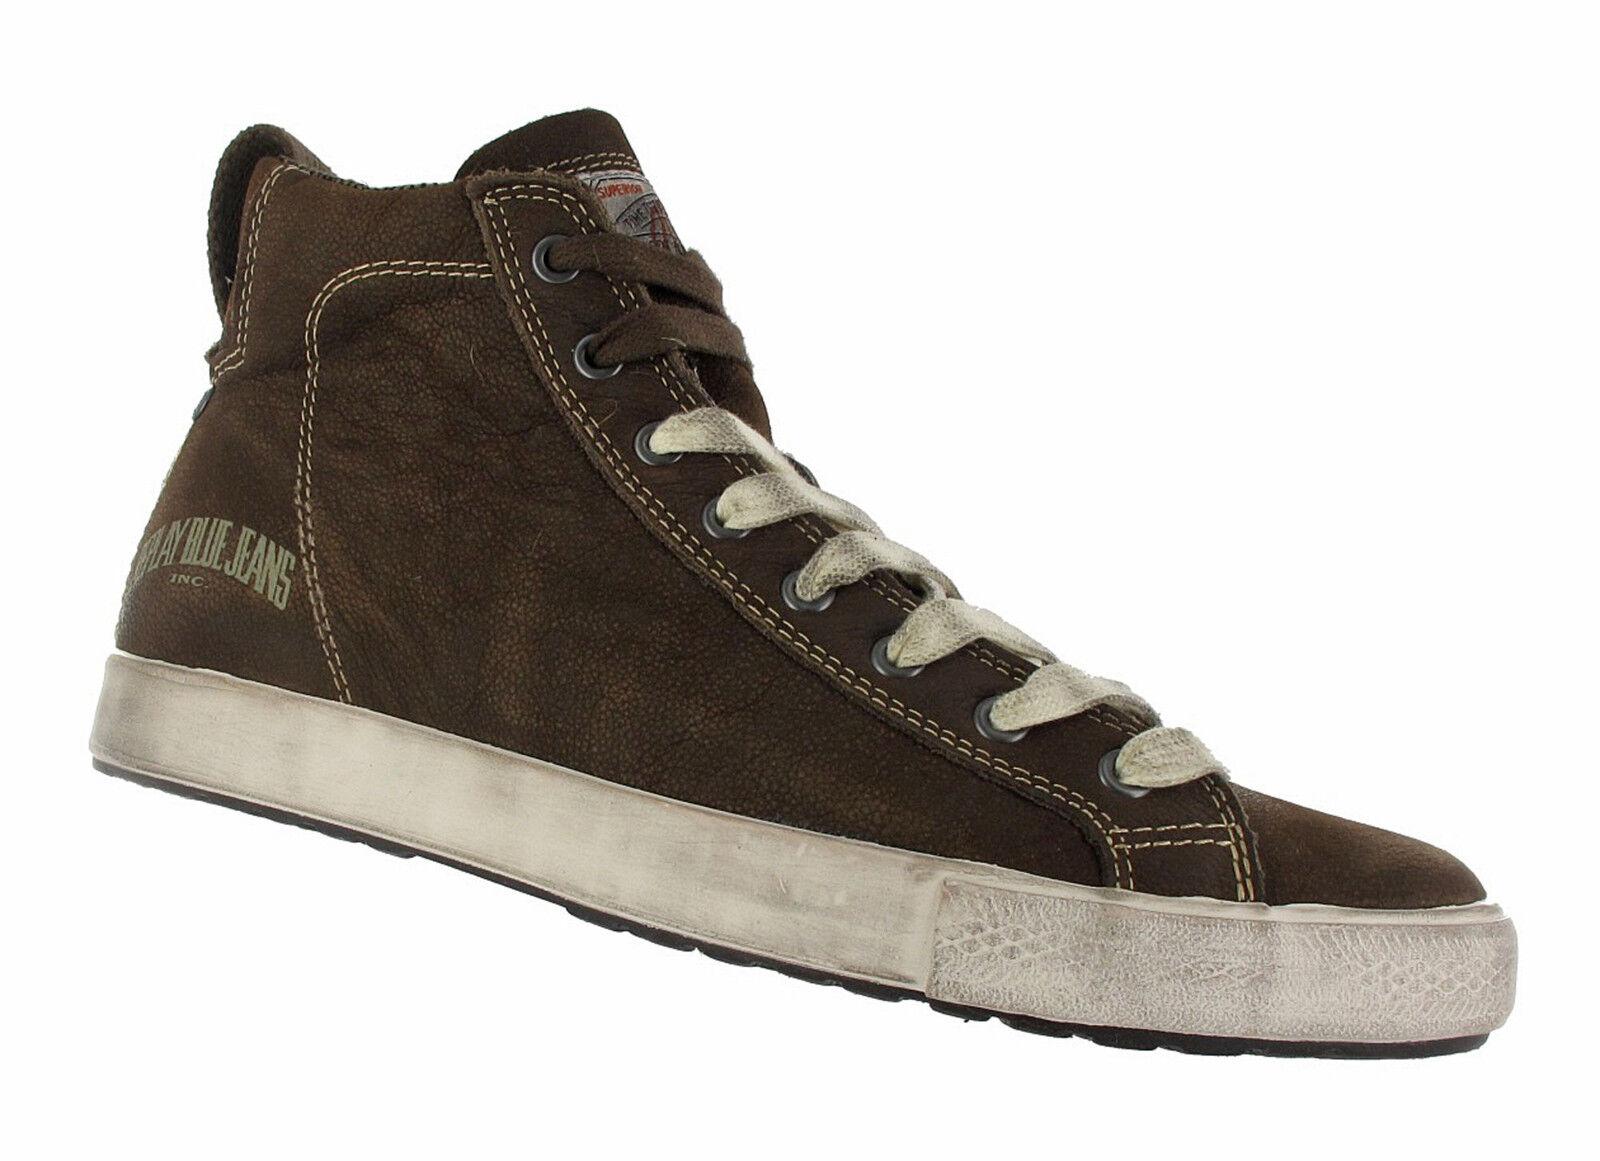 REPLAY braun High-Sneakers - Bersi - braun REPLAY RV430003L 0c06c6